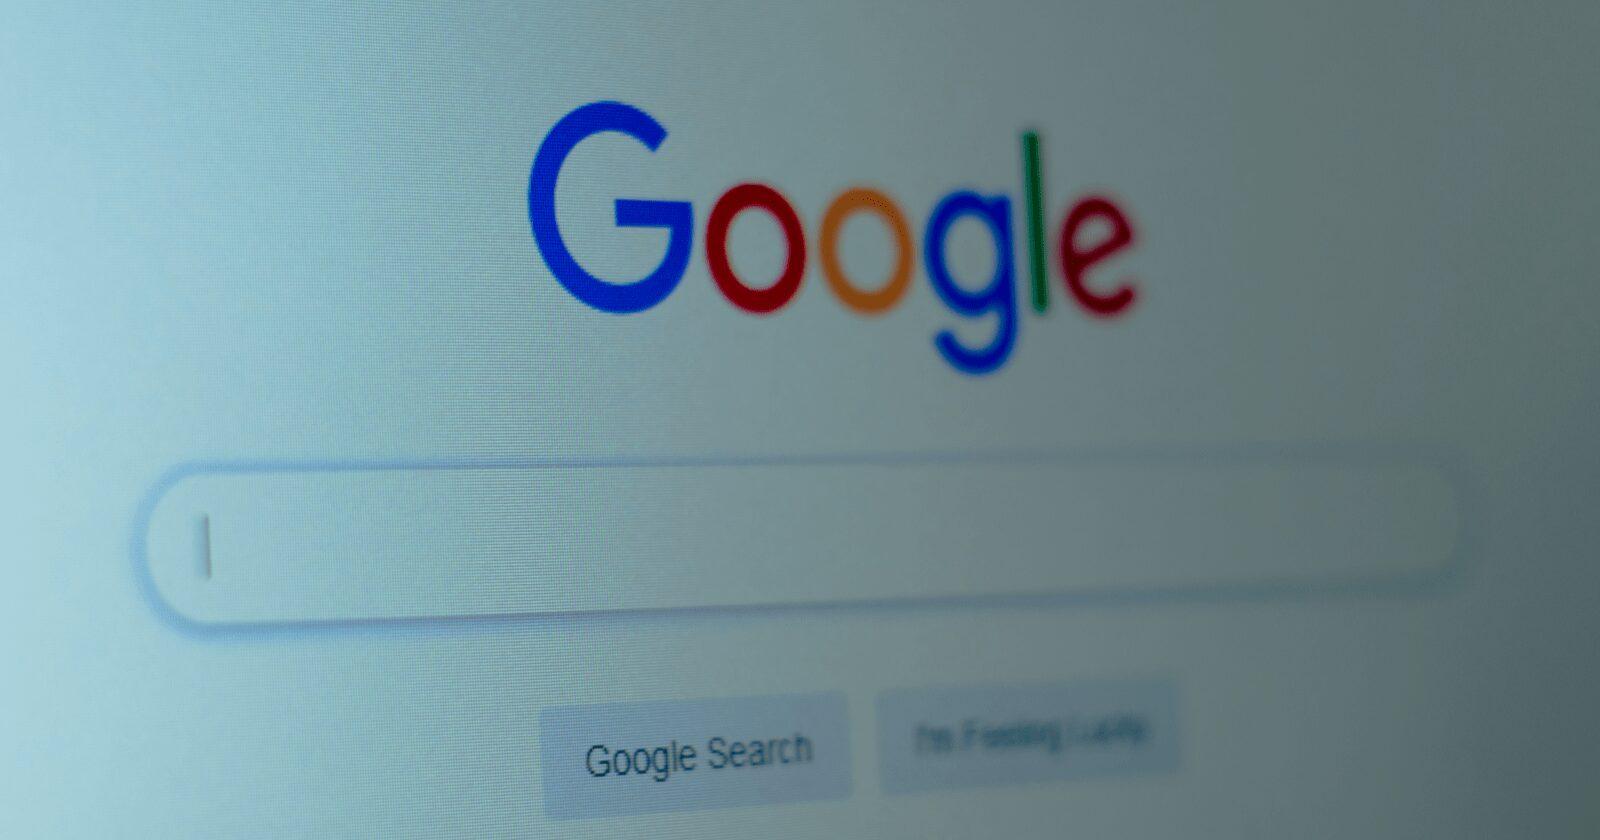 Google n'utilise plus de balisage de profil social pour les panneaux de connaissances